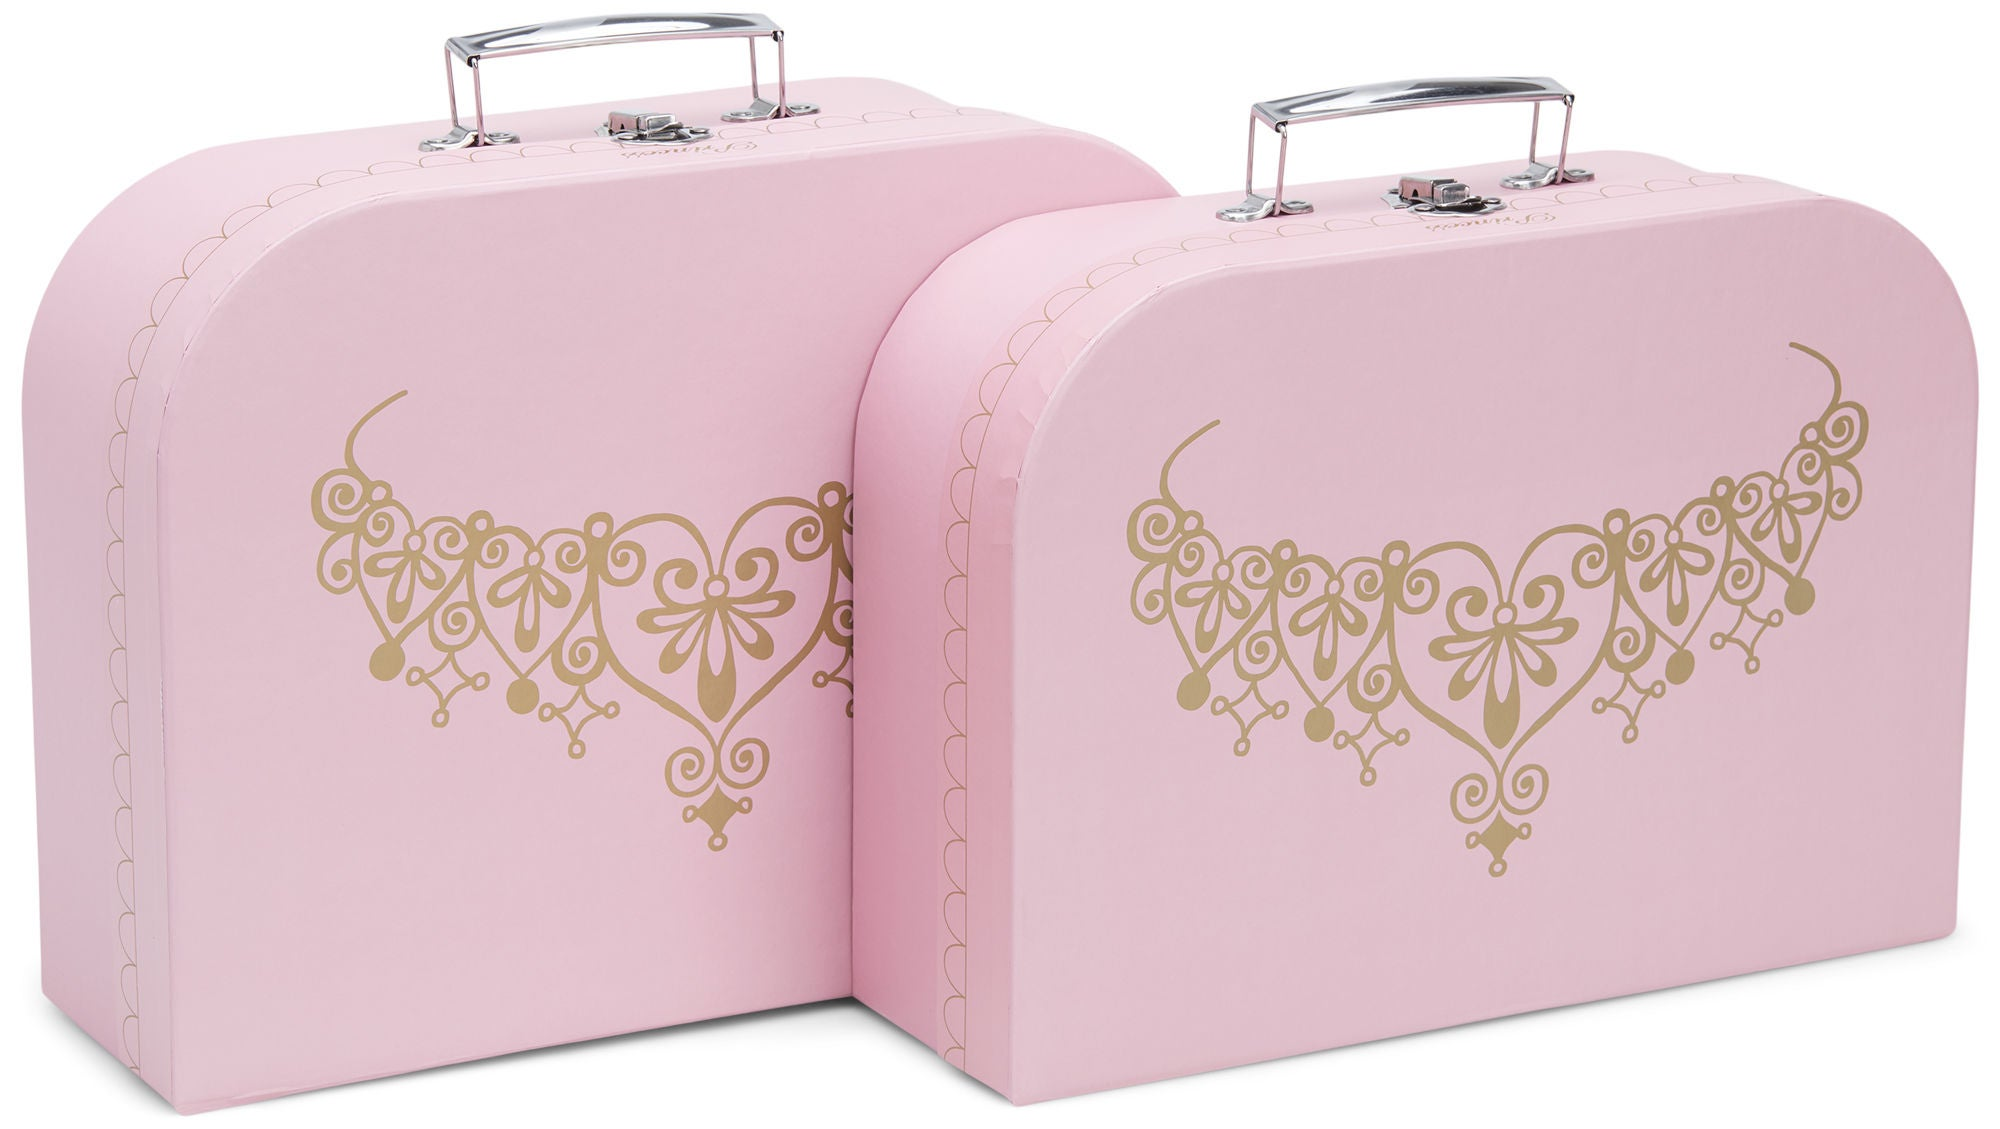 Cloudberry Castle Pahvilaukut 2-pack, Pink